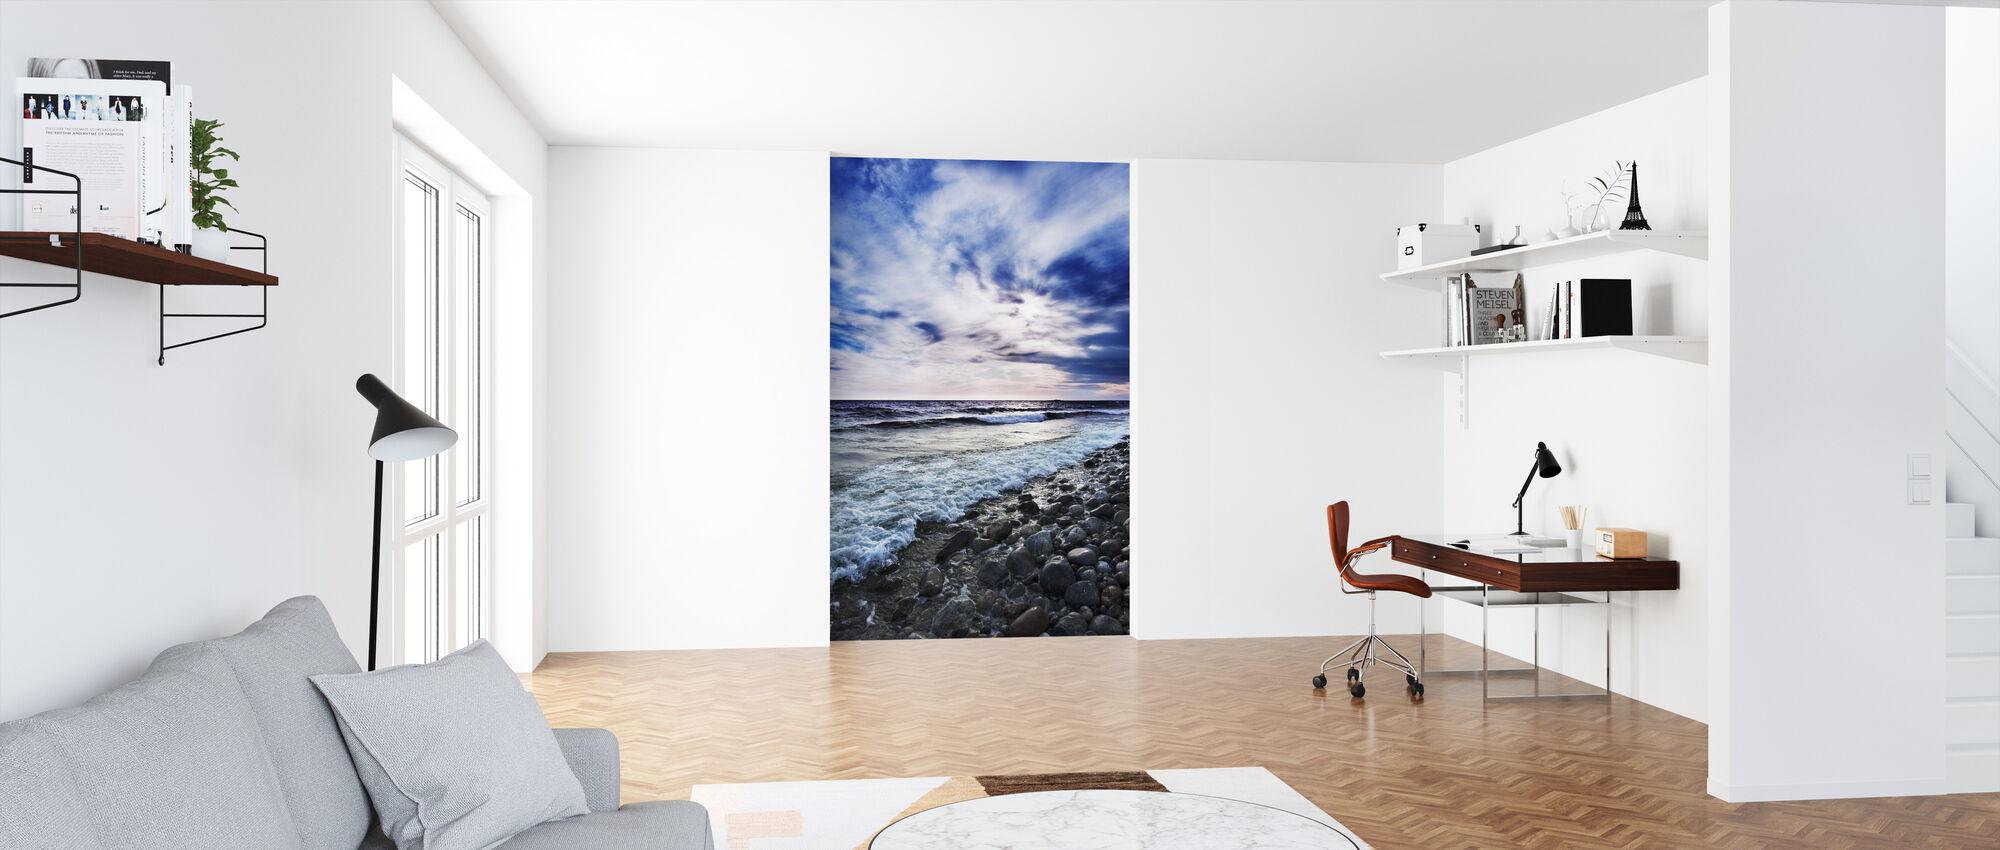 Waves of Torö, Sweden - Wallpaper - Office